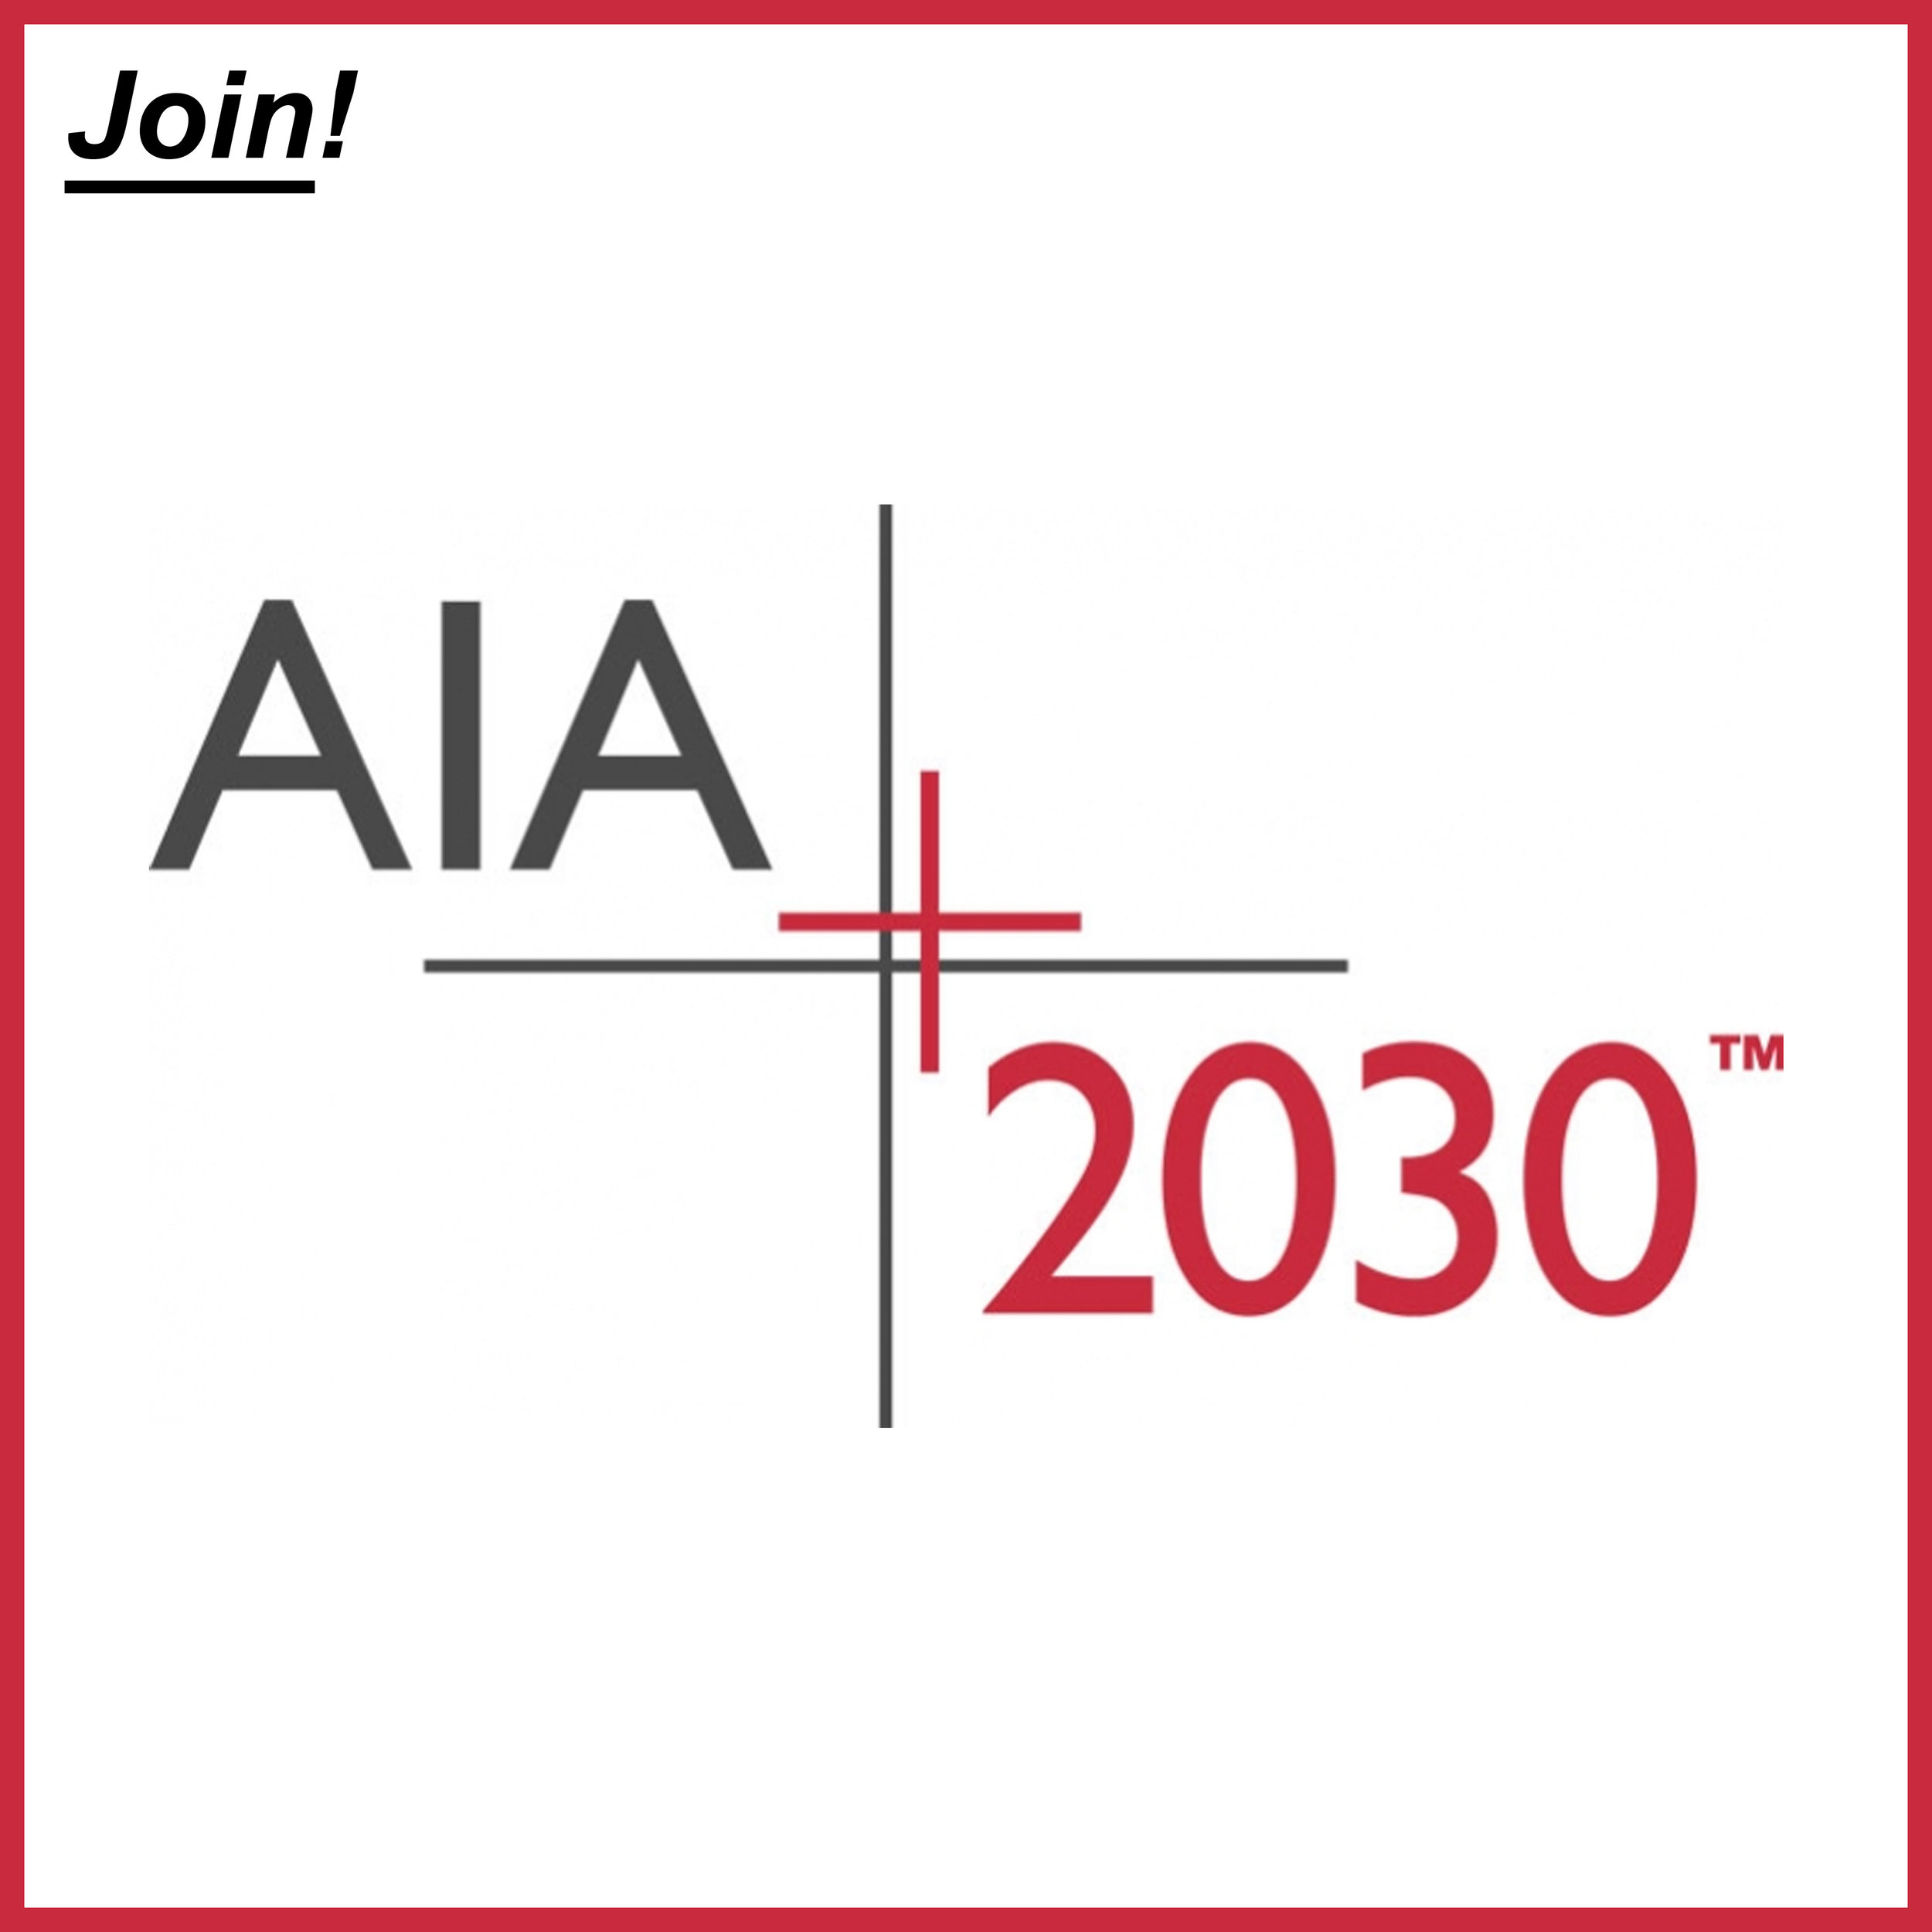 Firms-2030.jpg